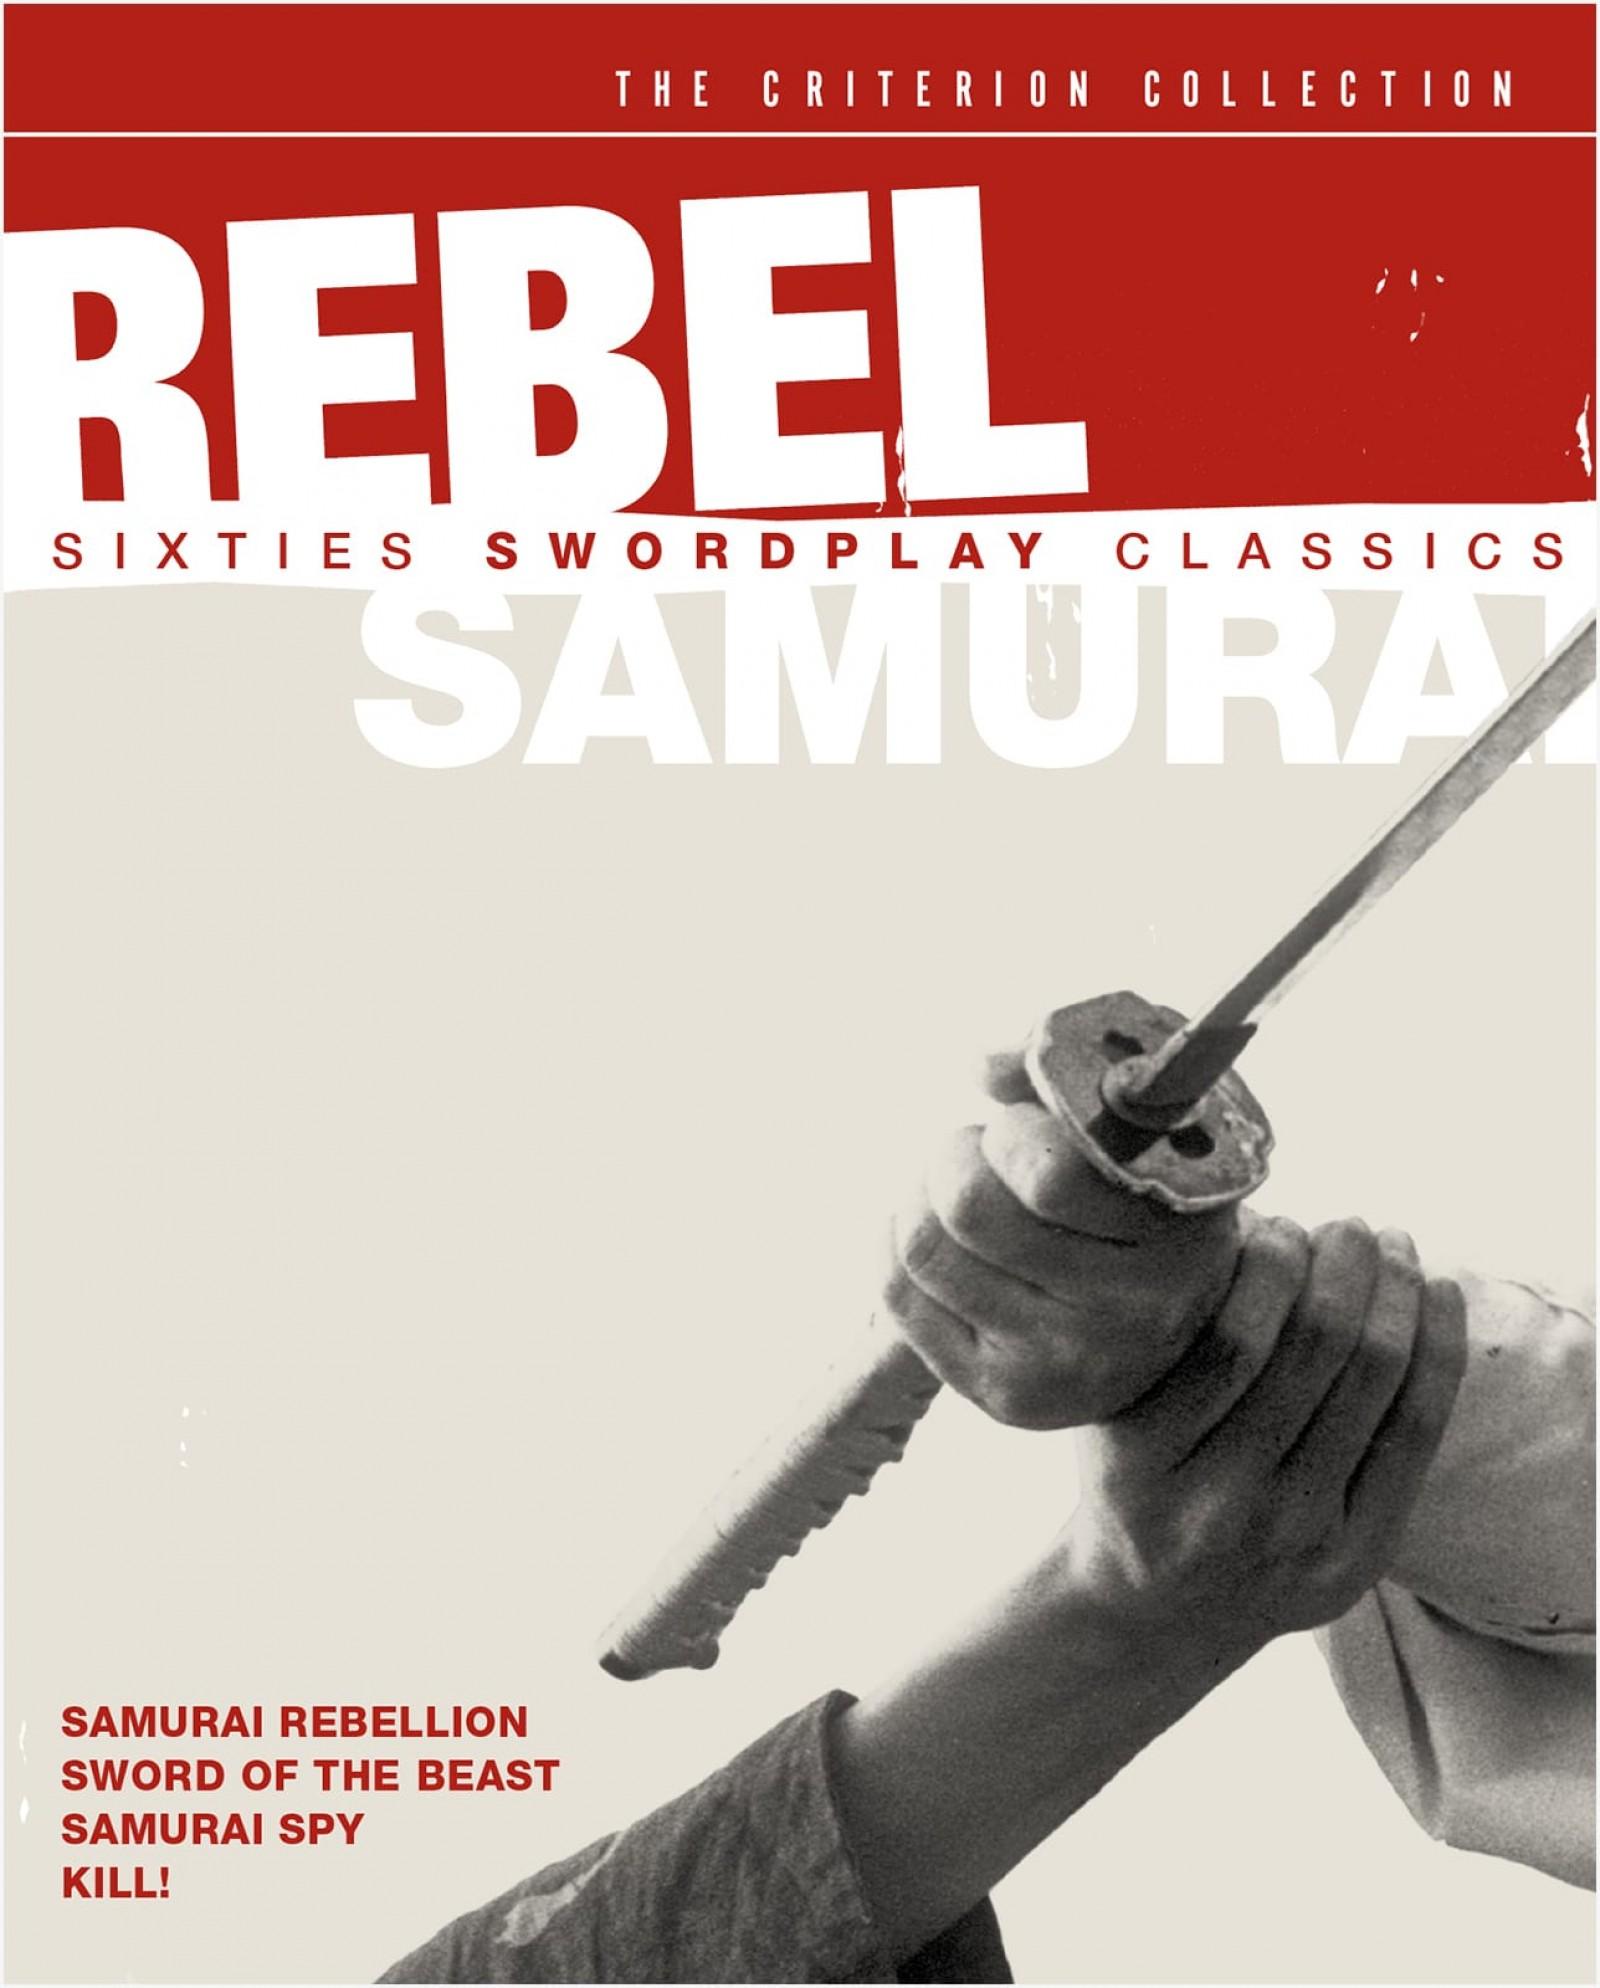 Rebel Samurai: Sixties Swordplay Classics